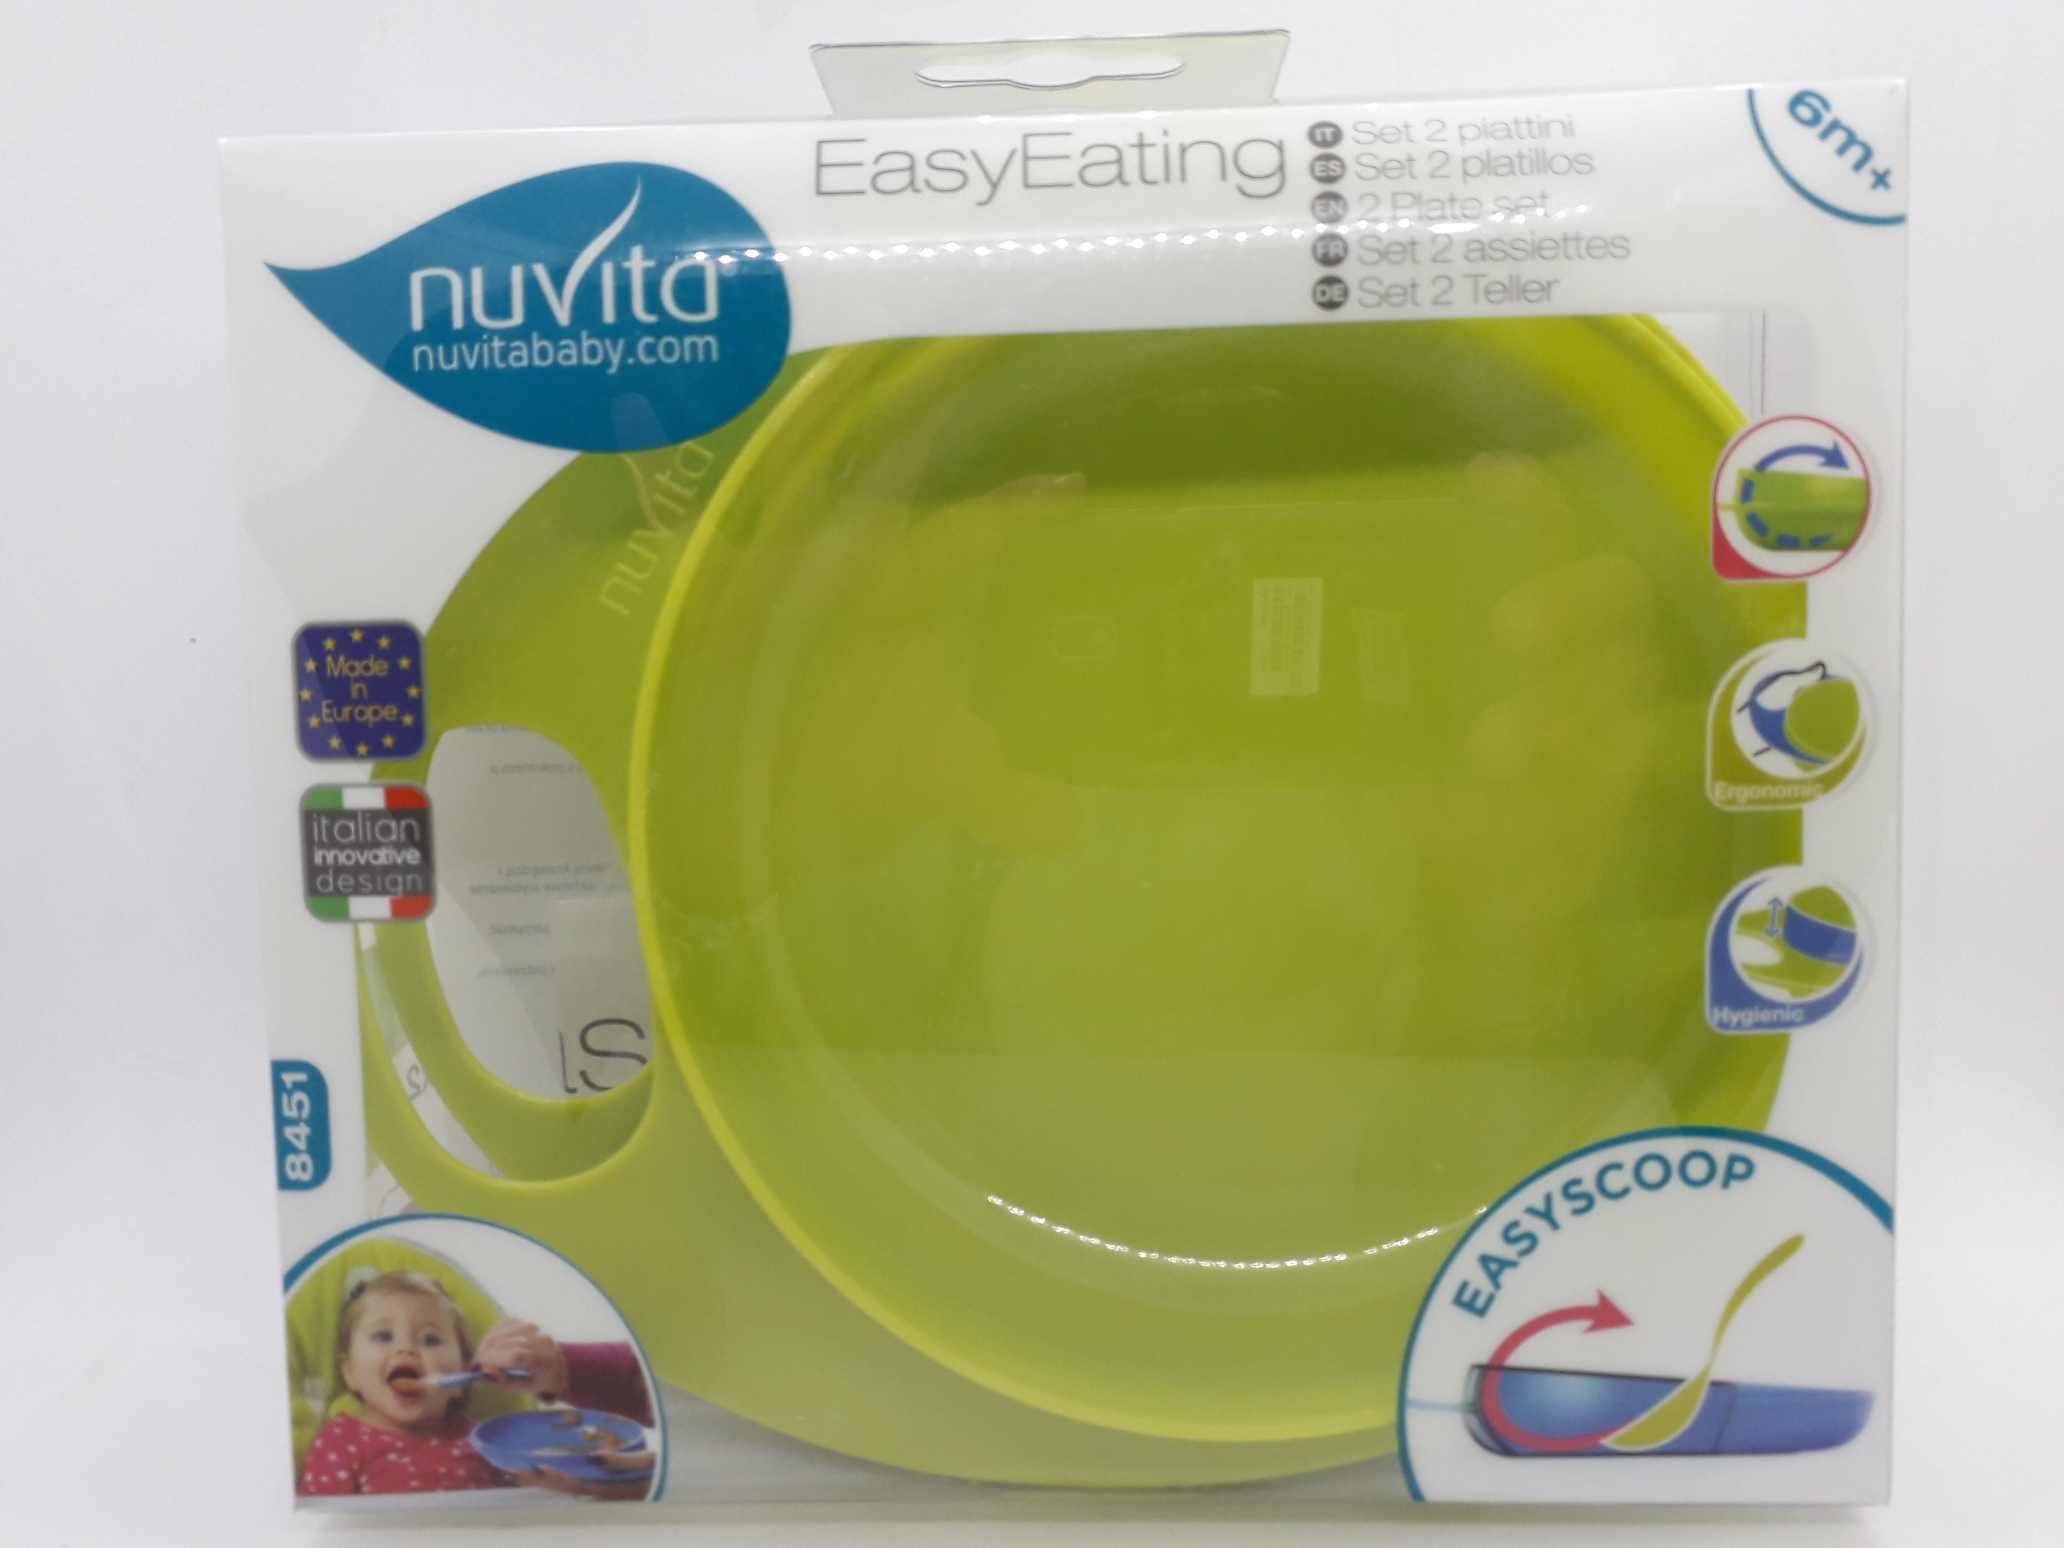 NUVITA PIATTO EASY EATING VERDE - Farmaciaempatica.it